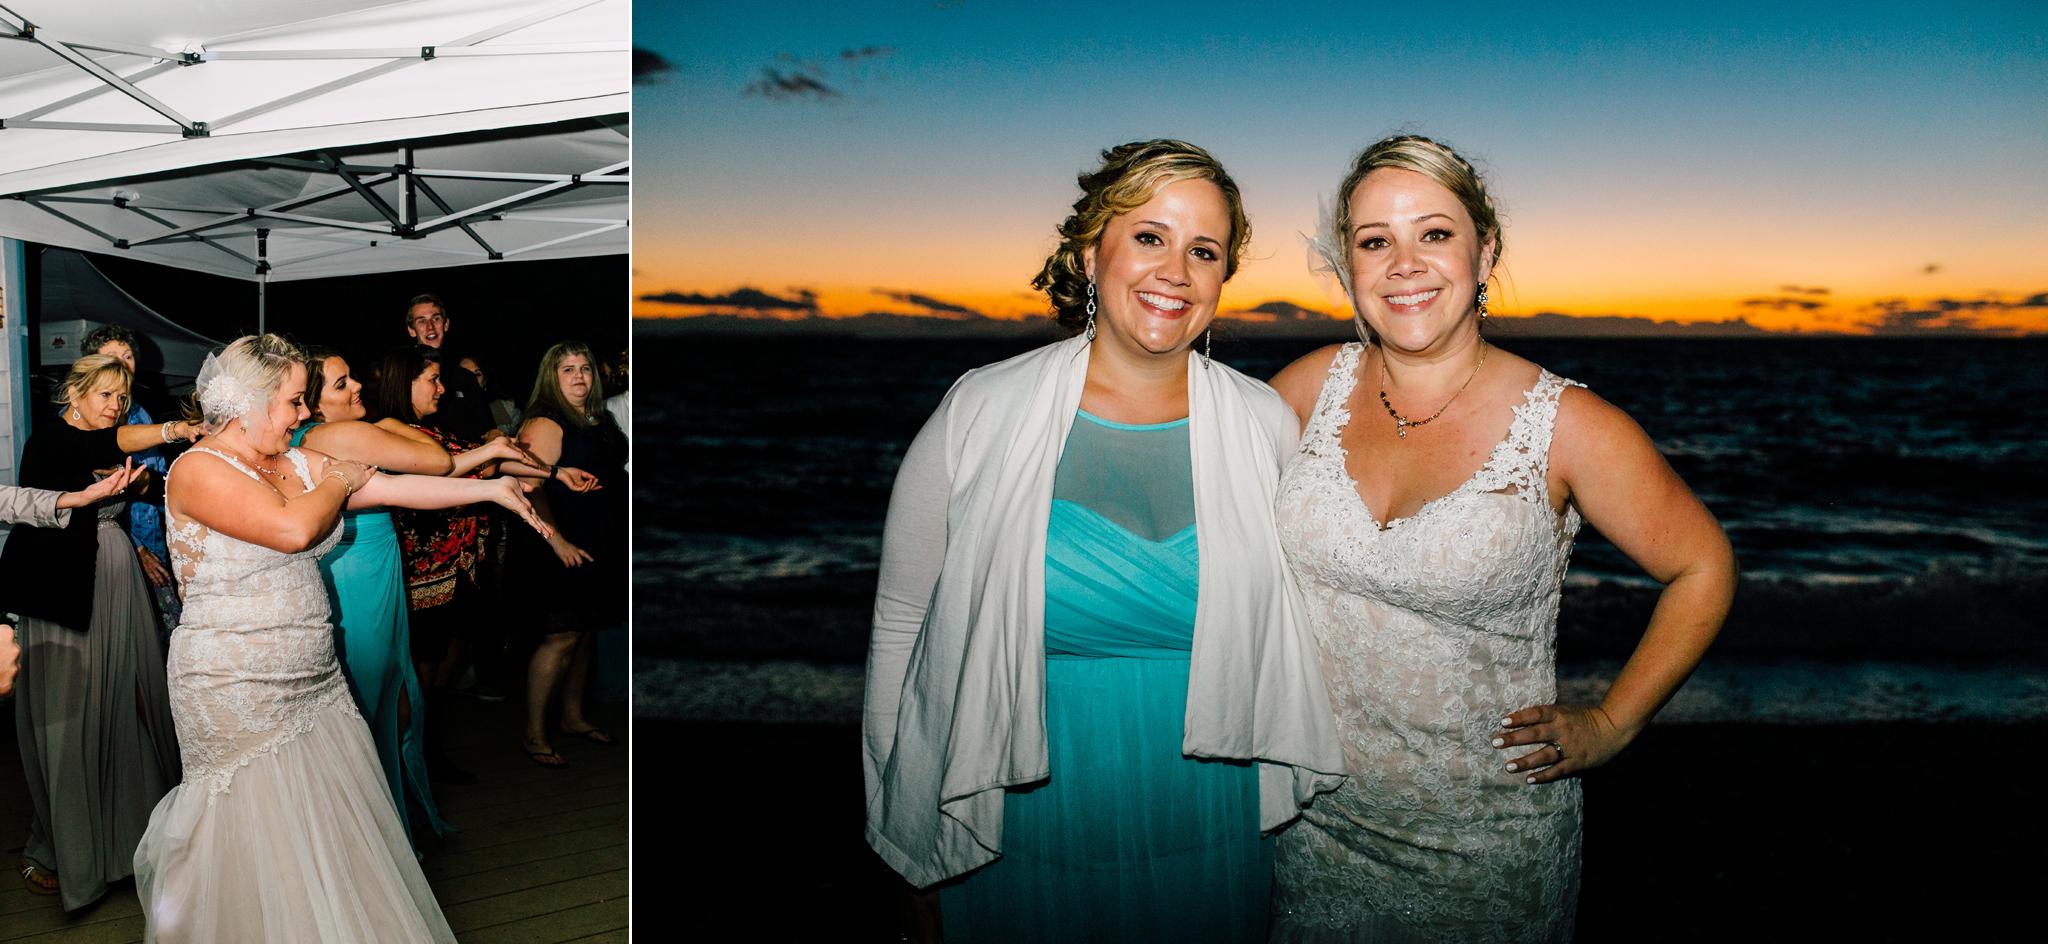 103-bellingham-wedding-photographer-beach-katheryn-moran-elisa-phillip.jpg